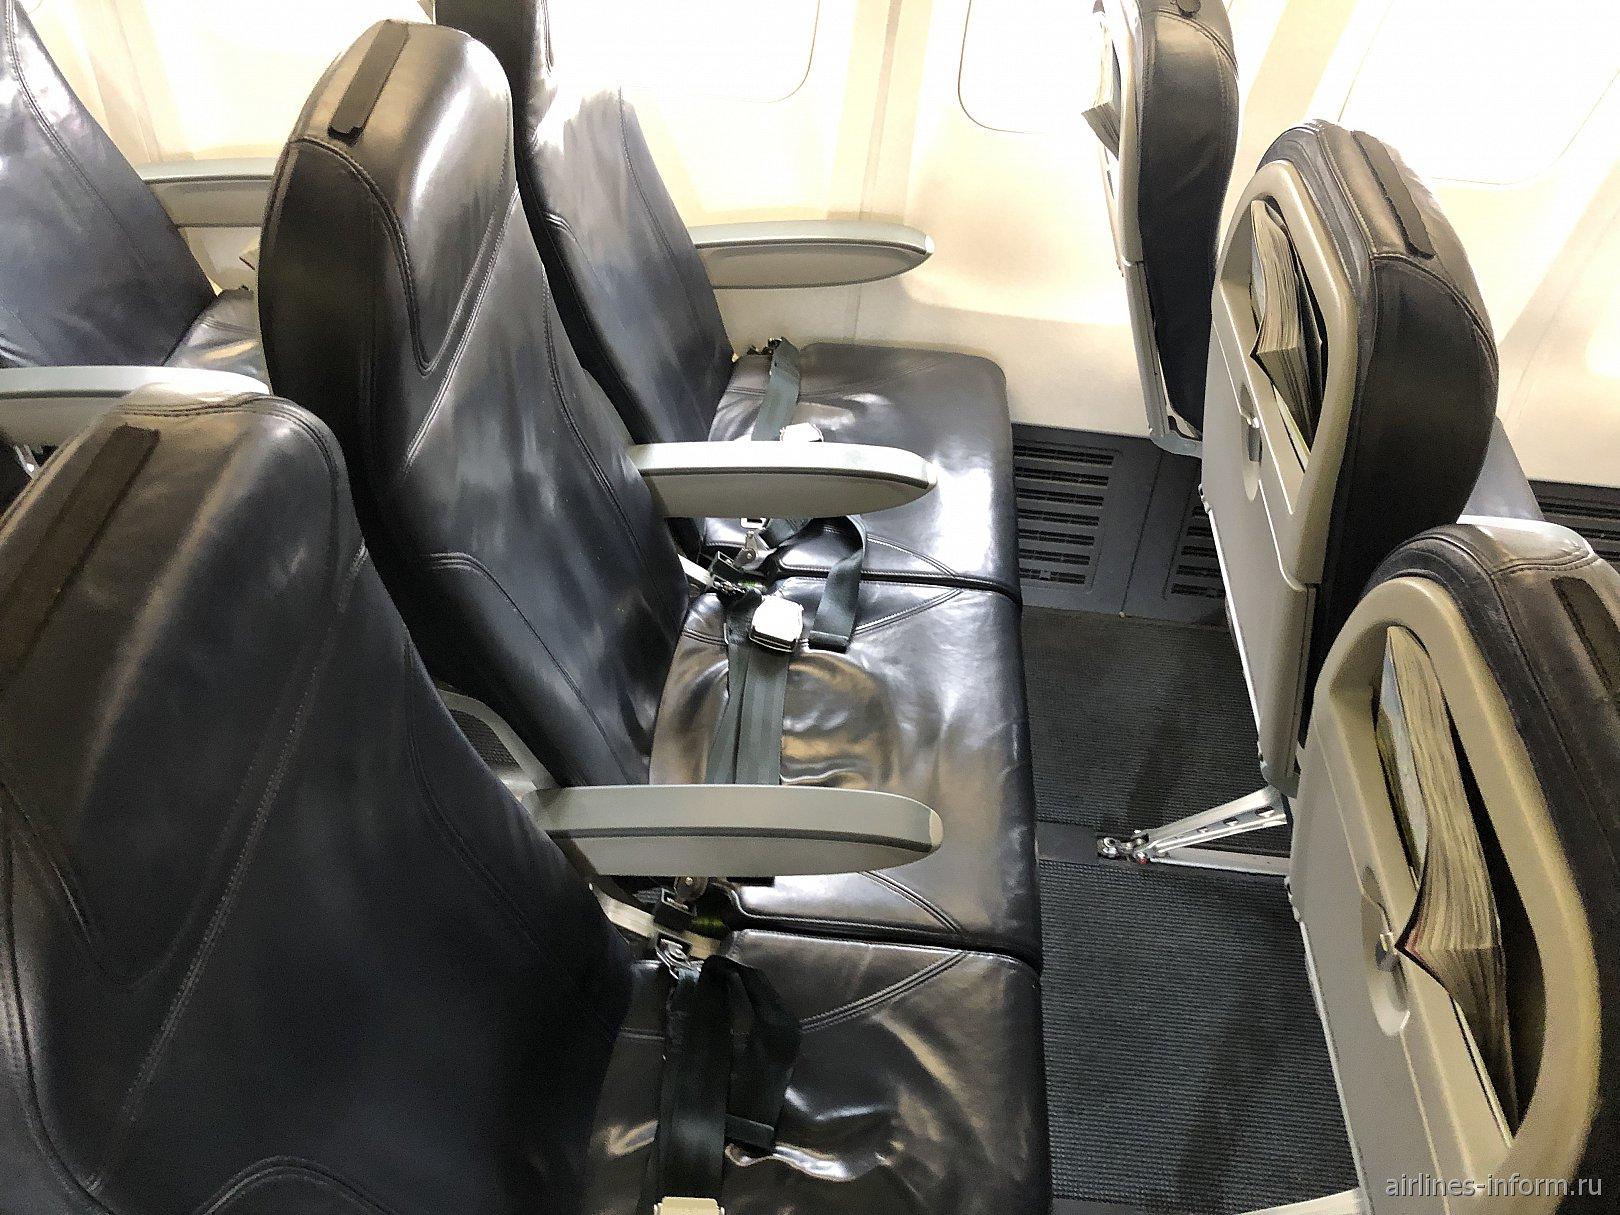 Пассажирские кресла в Боинге-737-500 авиакомпании airBaltic